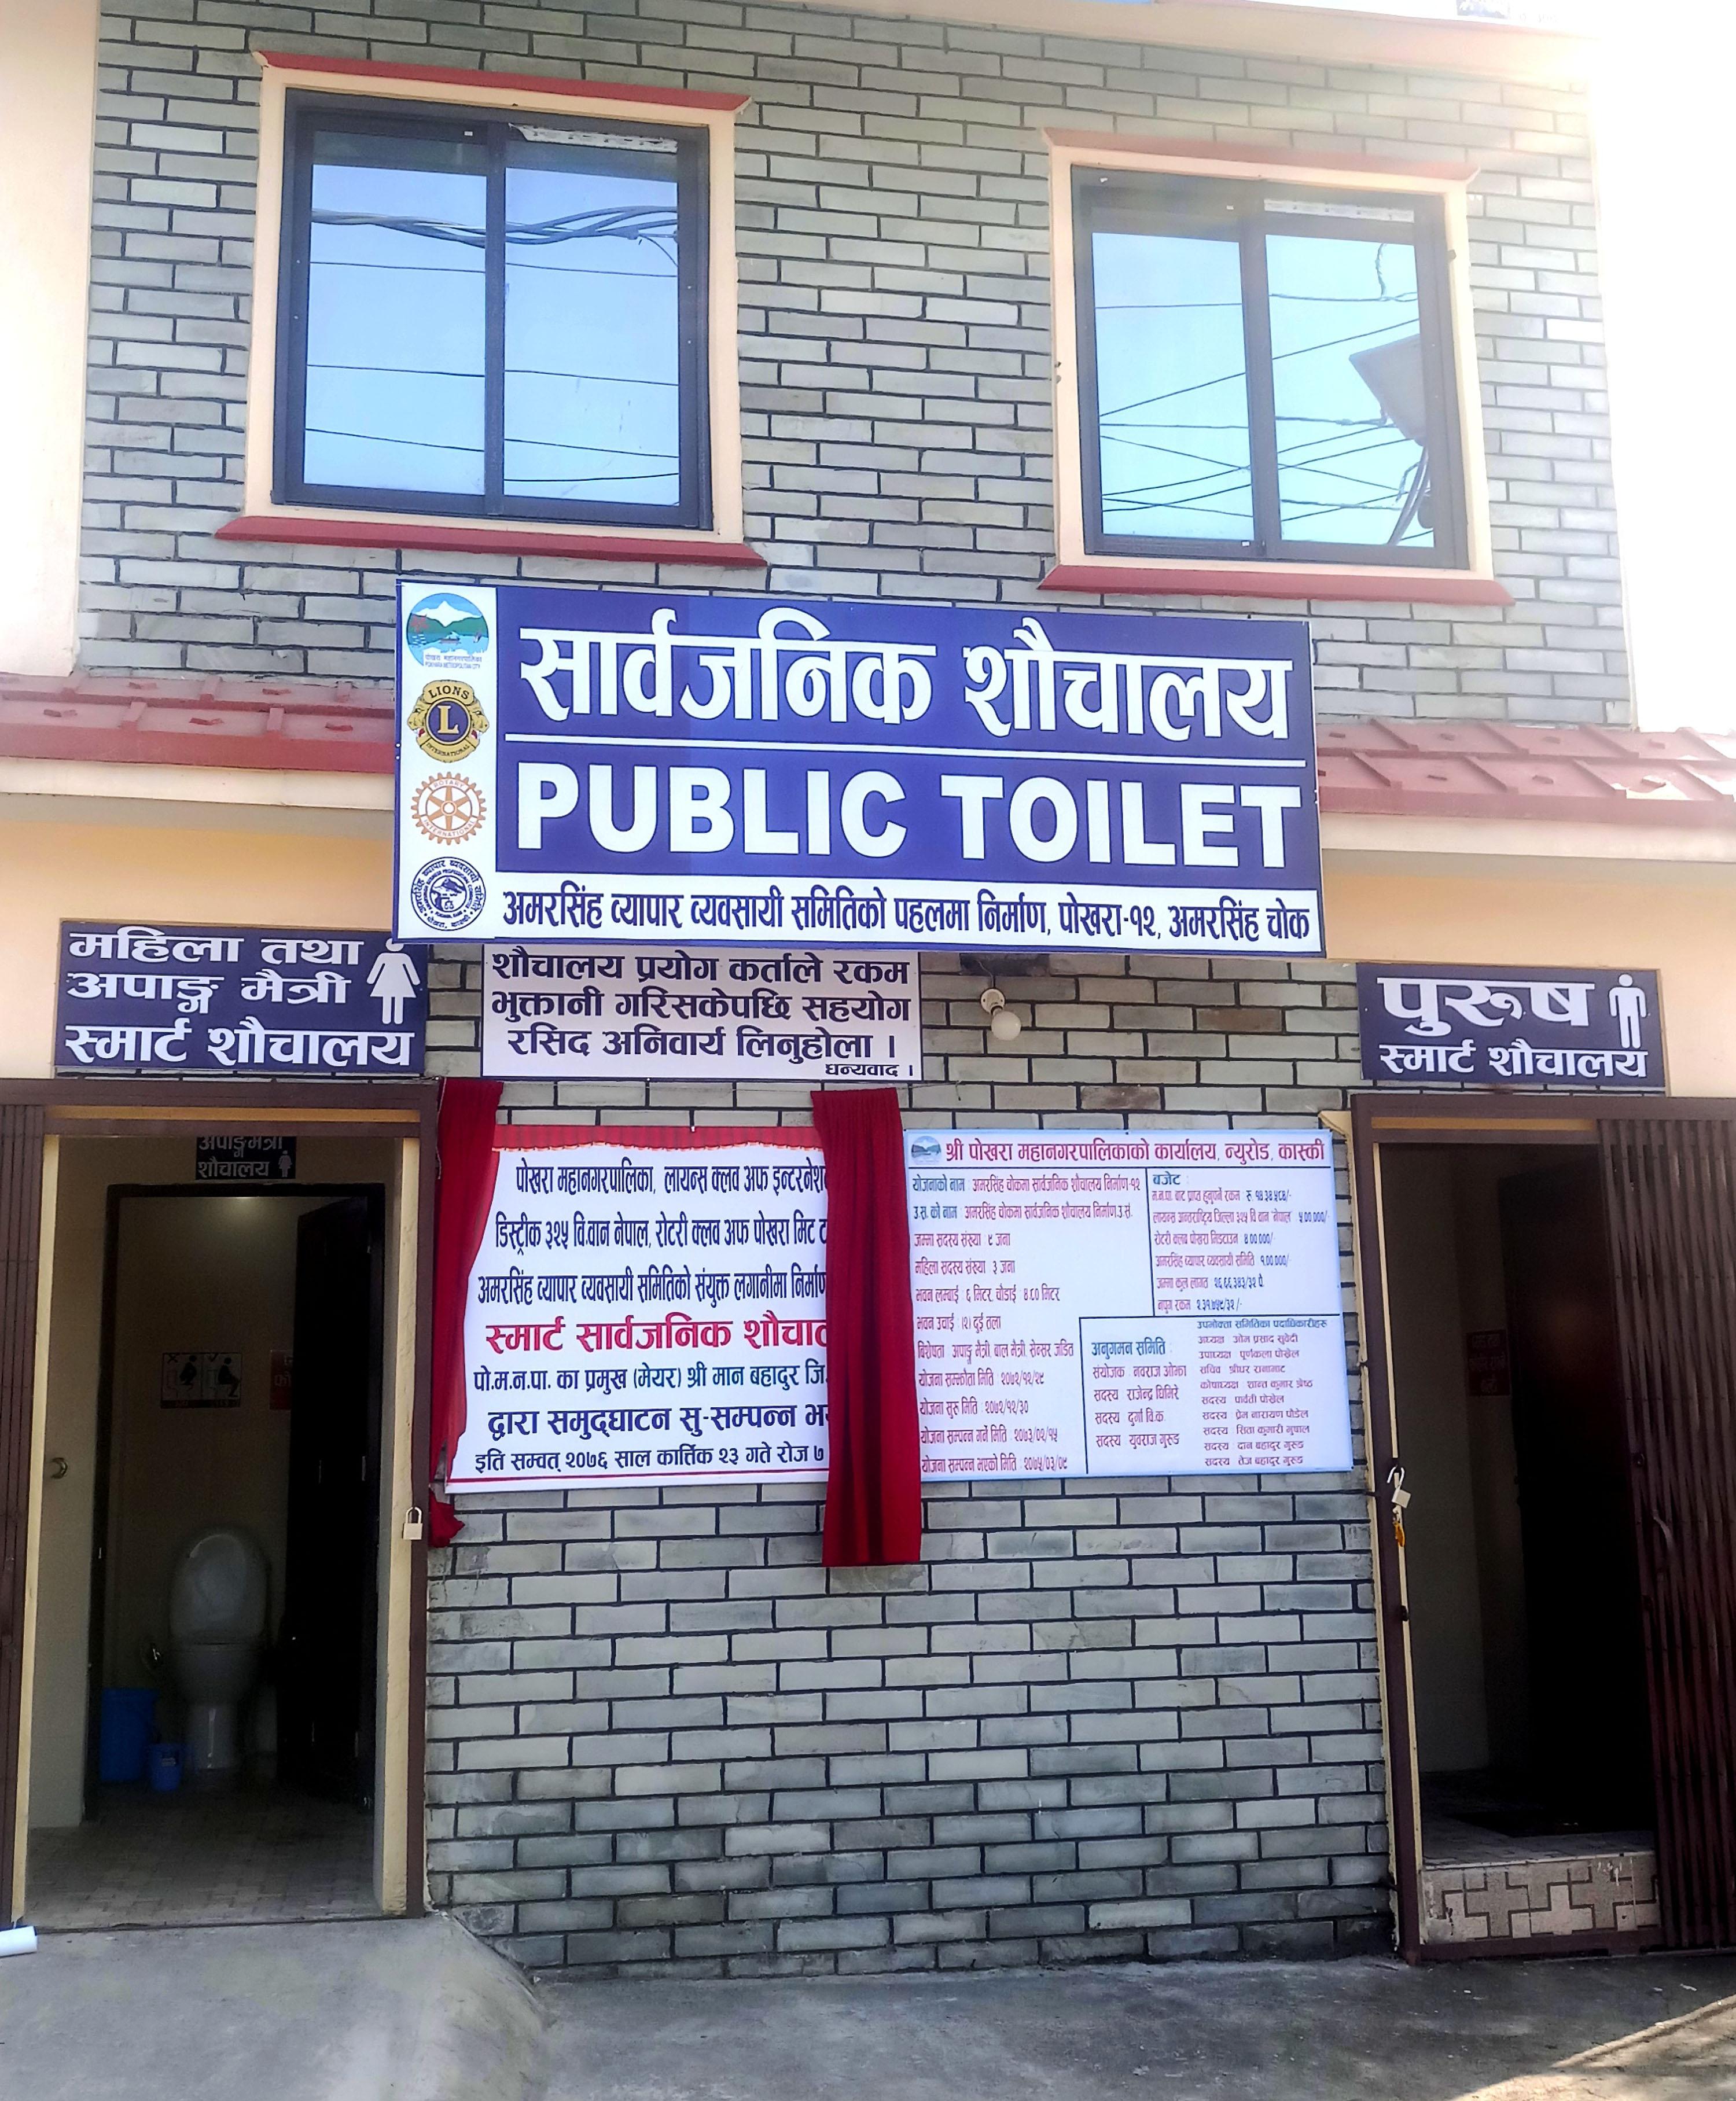 साझेदारीमा 'स्मार्ट' सार्वजनिक शौचालय